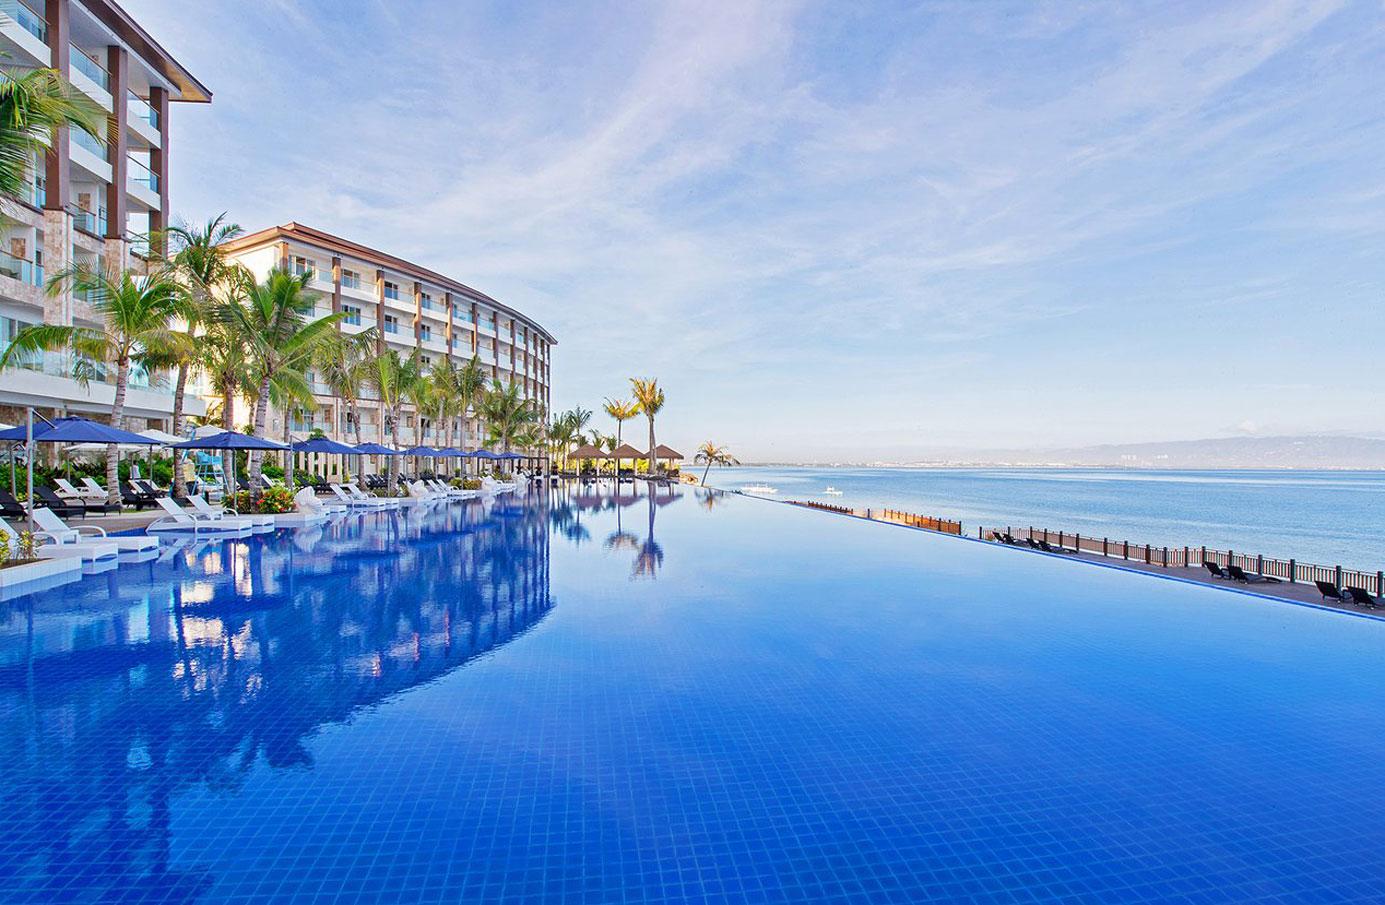 セブ島結婚式場 セブホテルウエディング セブデシュタニ Cebu-wedding-dusitani